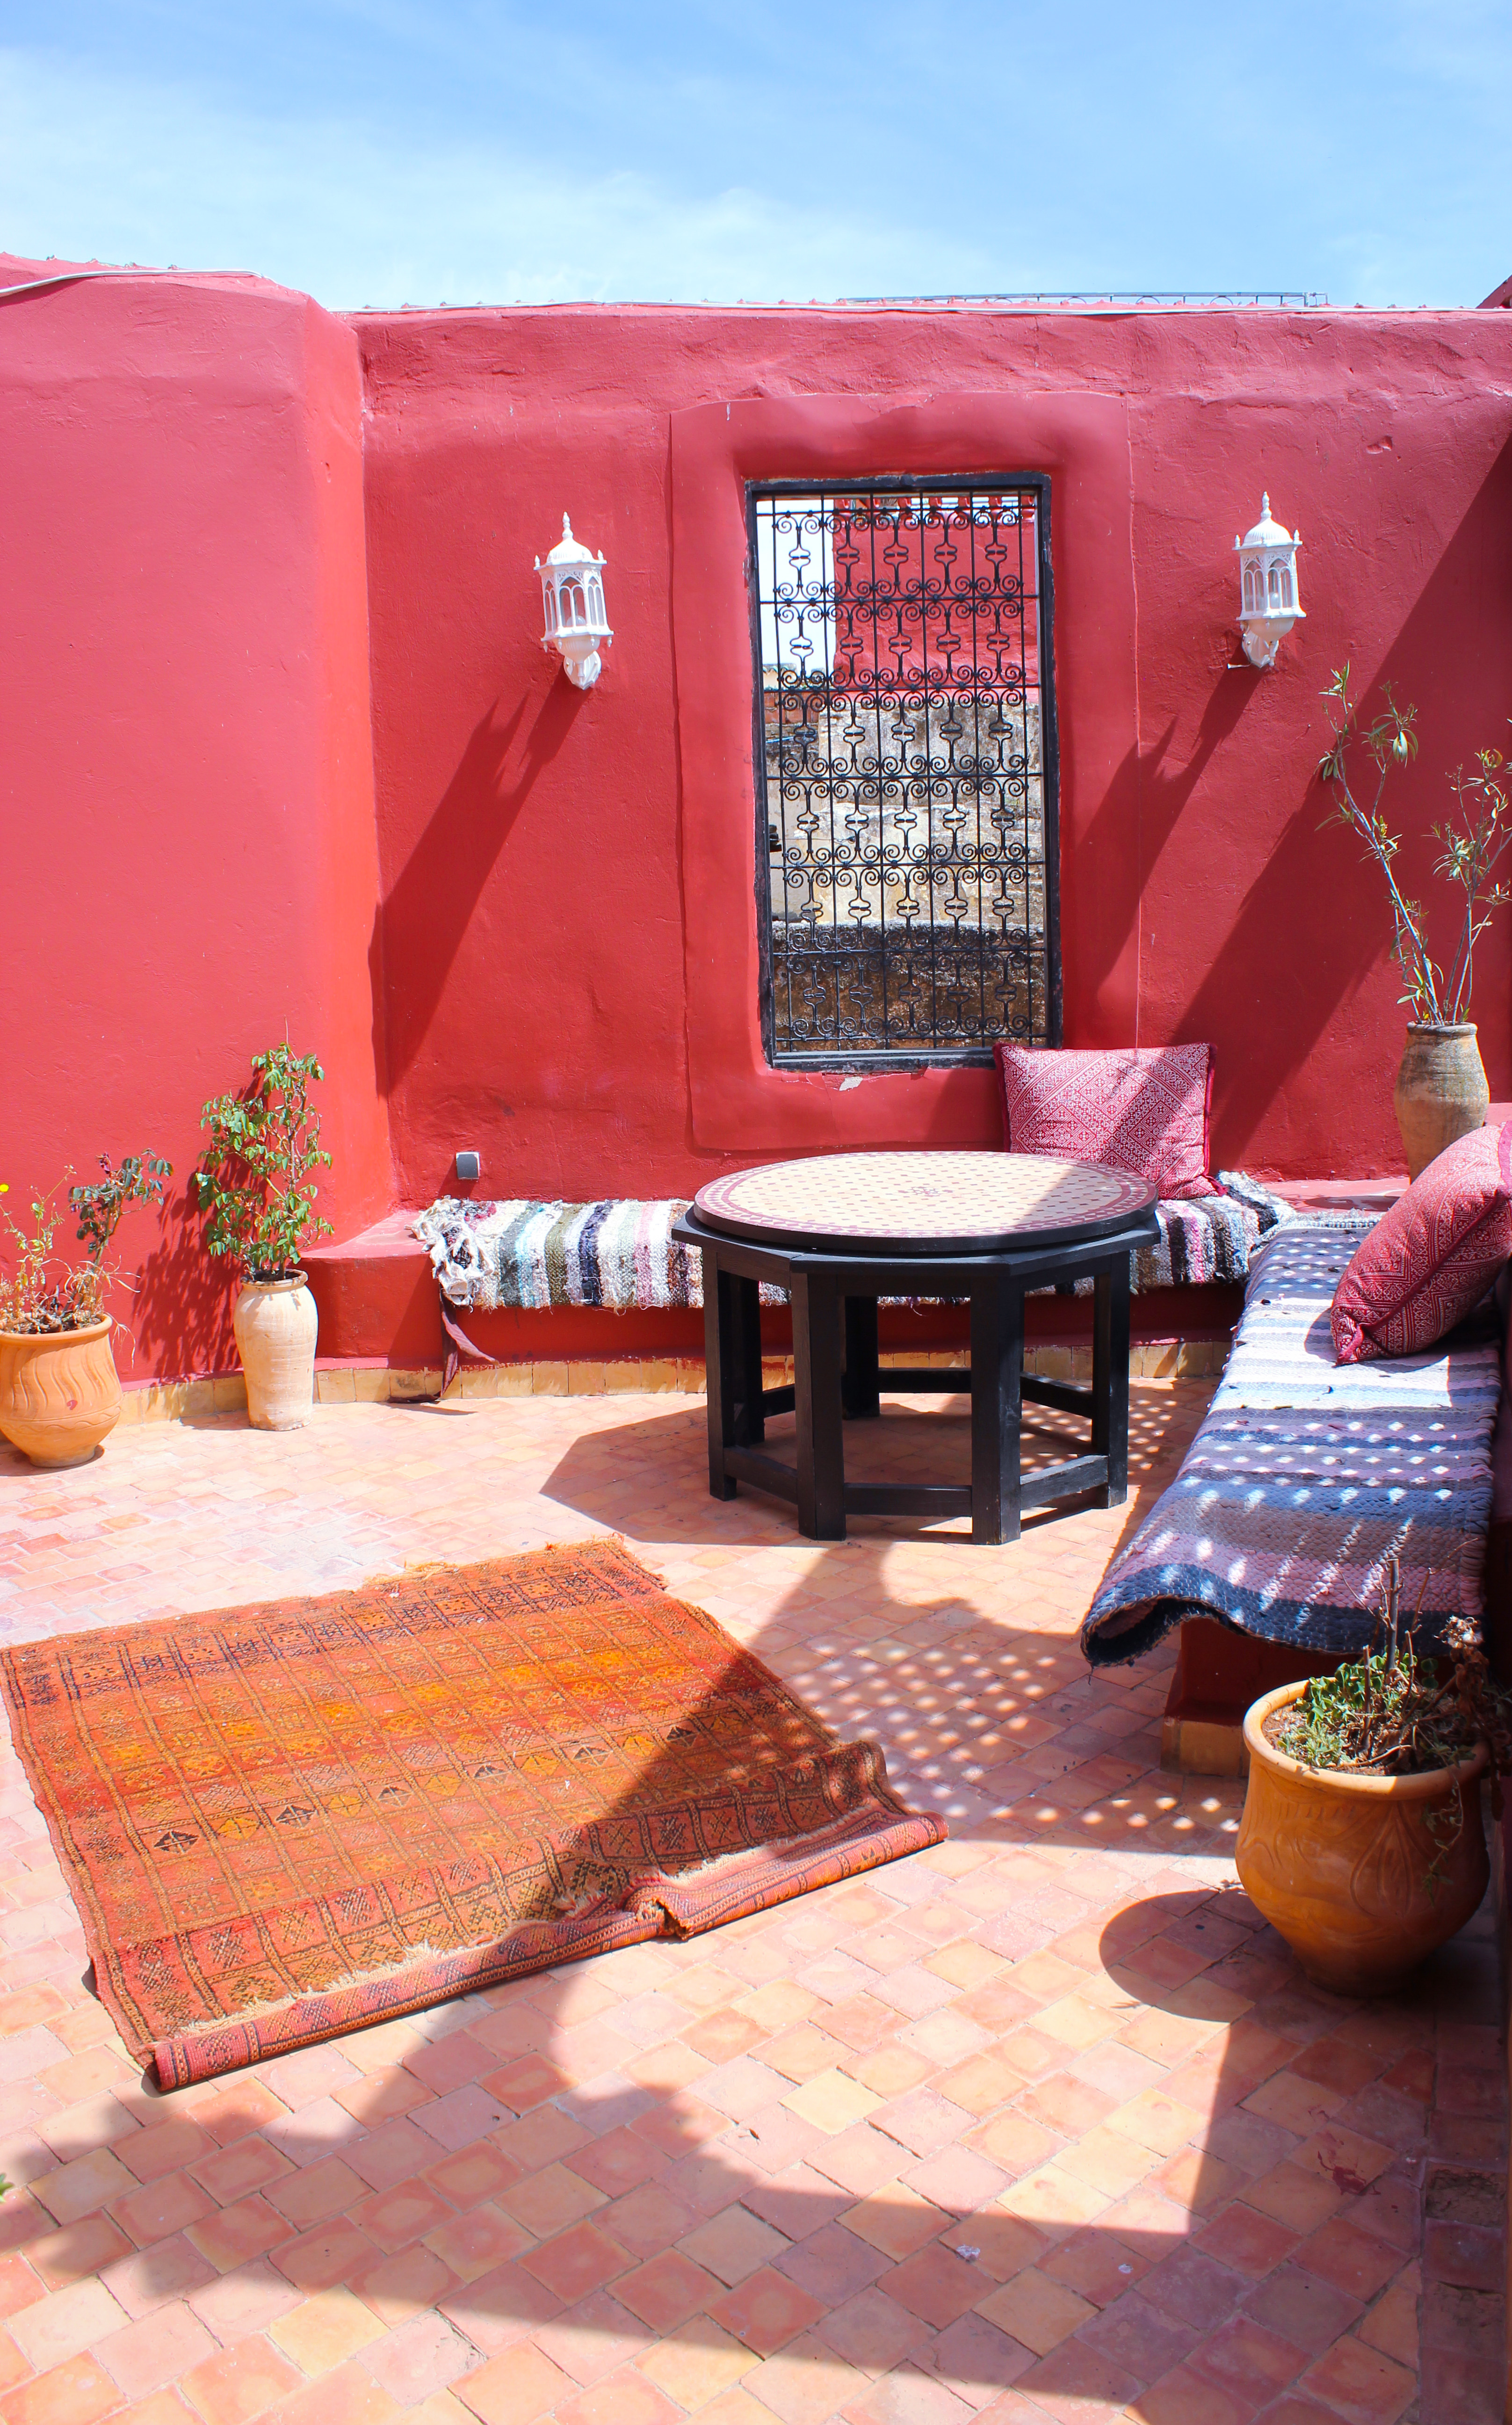 imaga d'un salon marocain sur le toit du riad d'or de Meknès